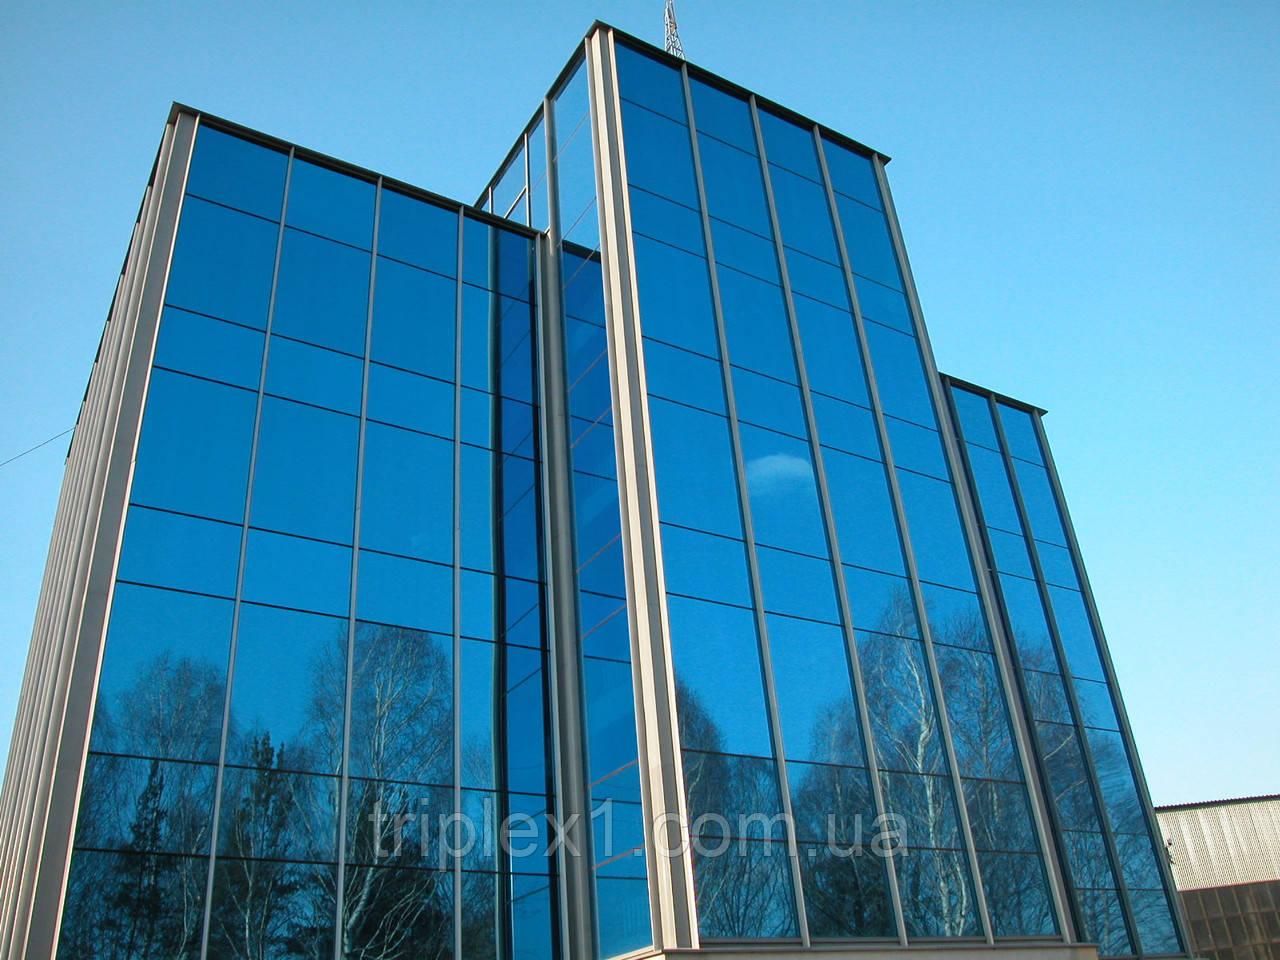 Тонировка окон,витрин в квартирах, офисах и магазинах.